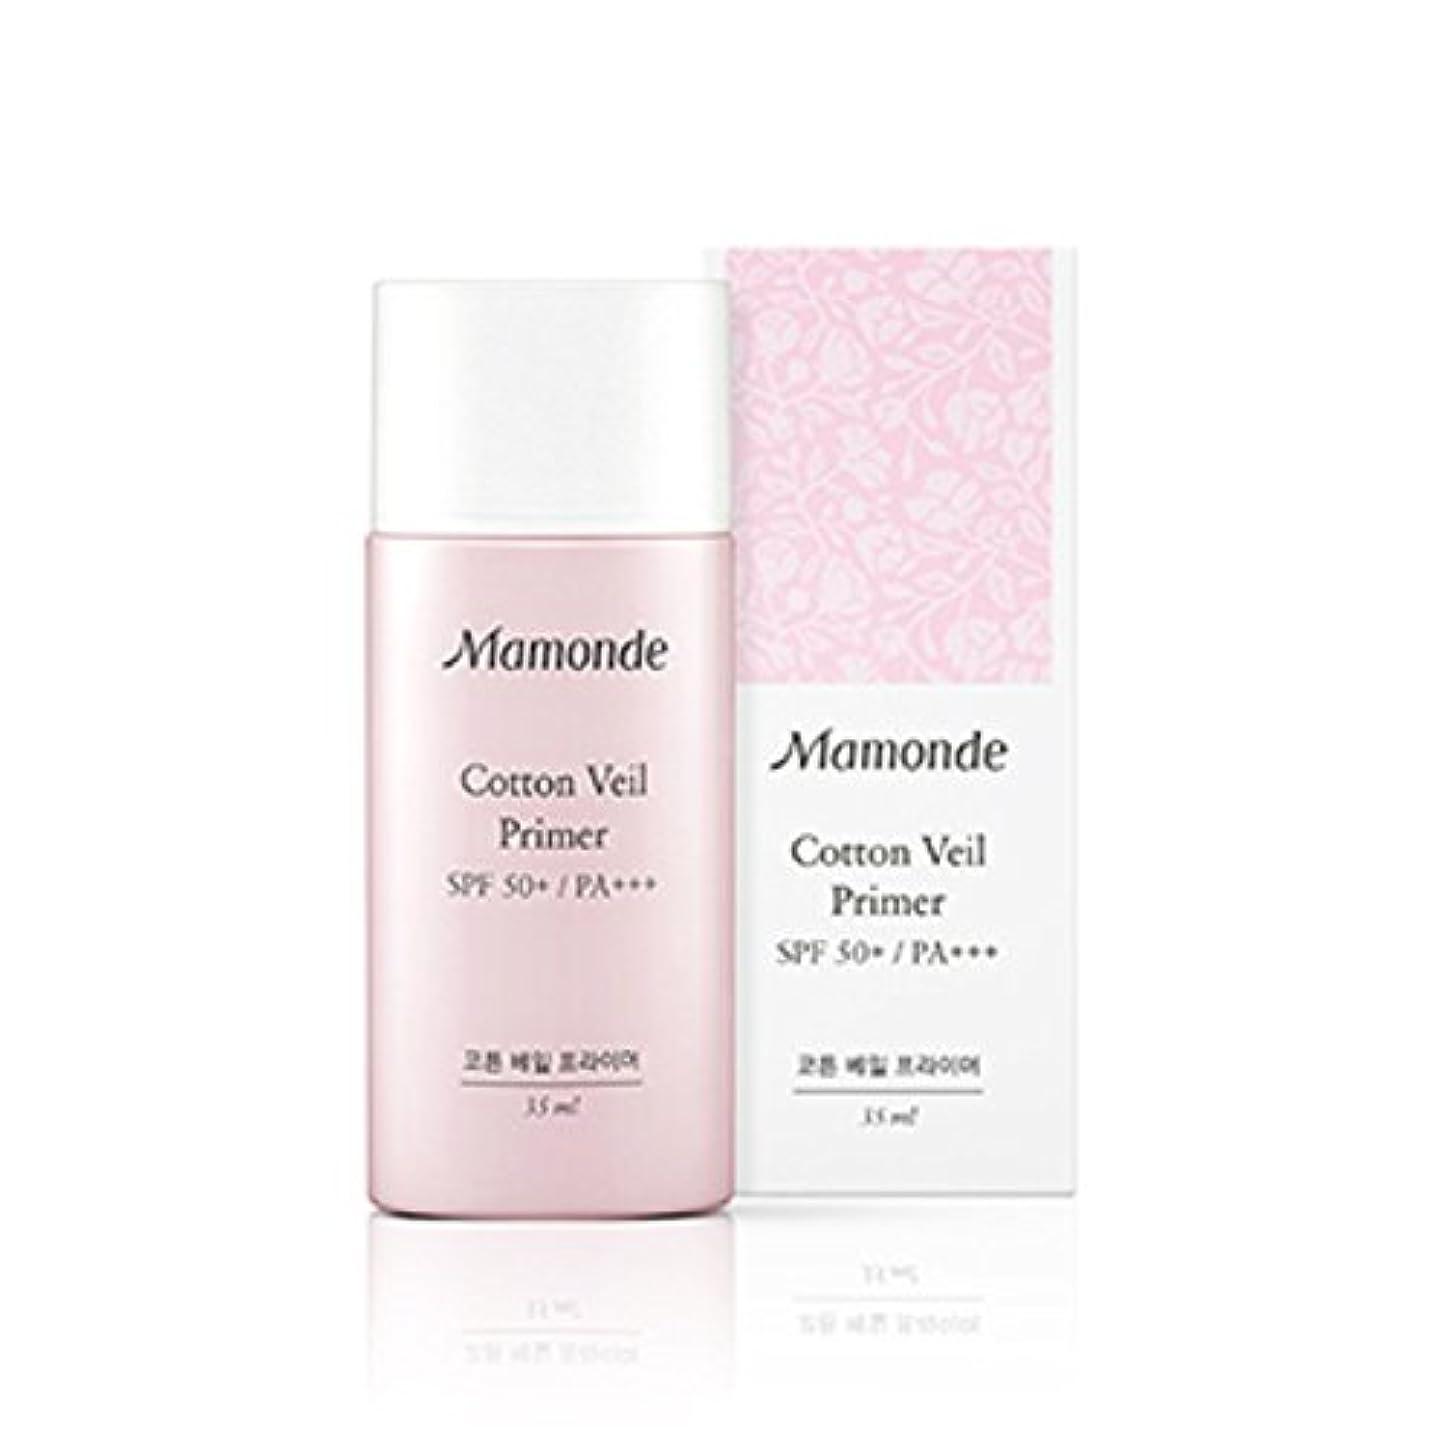 乱れ行商正義[New] Mamonde Cotton Veil Primer (SPF50+ PA+++) 35ml/マモンド コットン ベール プライマー (SPF50+ PA+++) 35ml (#1 Lilac Purple)...